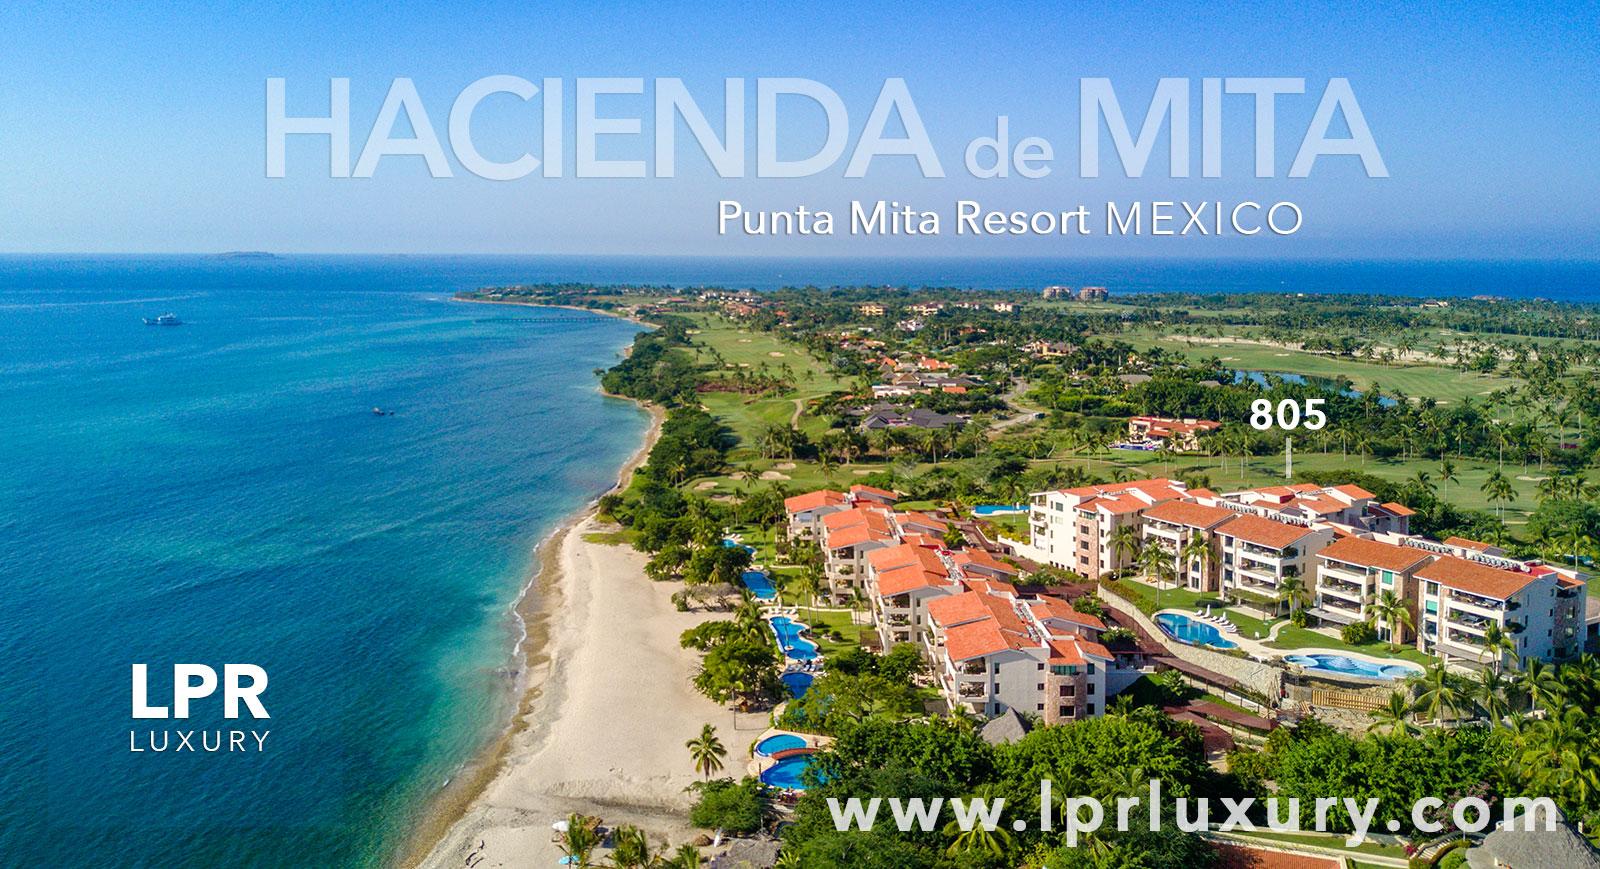 Hacienda de Mita 805 - Punta Mita Resort, Riviera Nayarit, Mexico